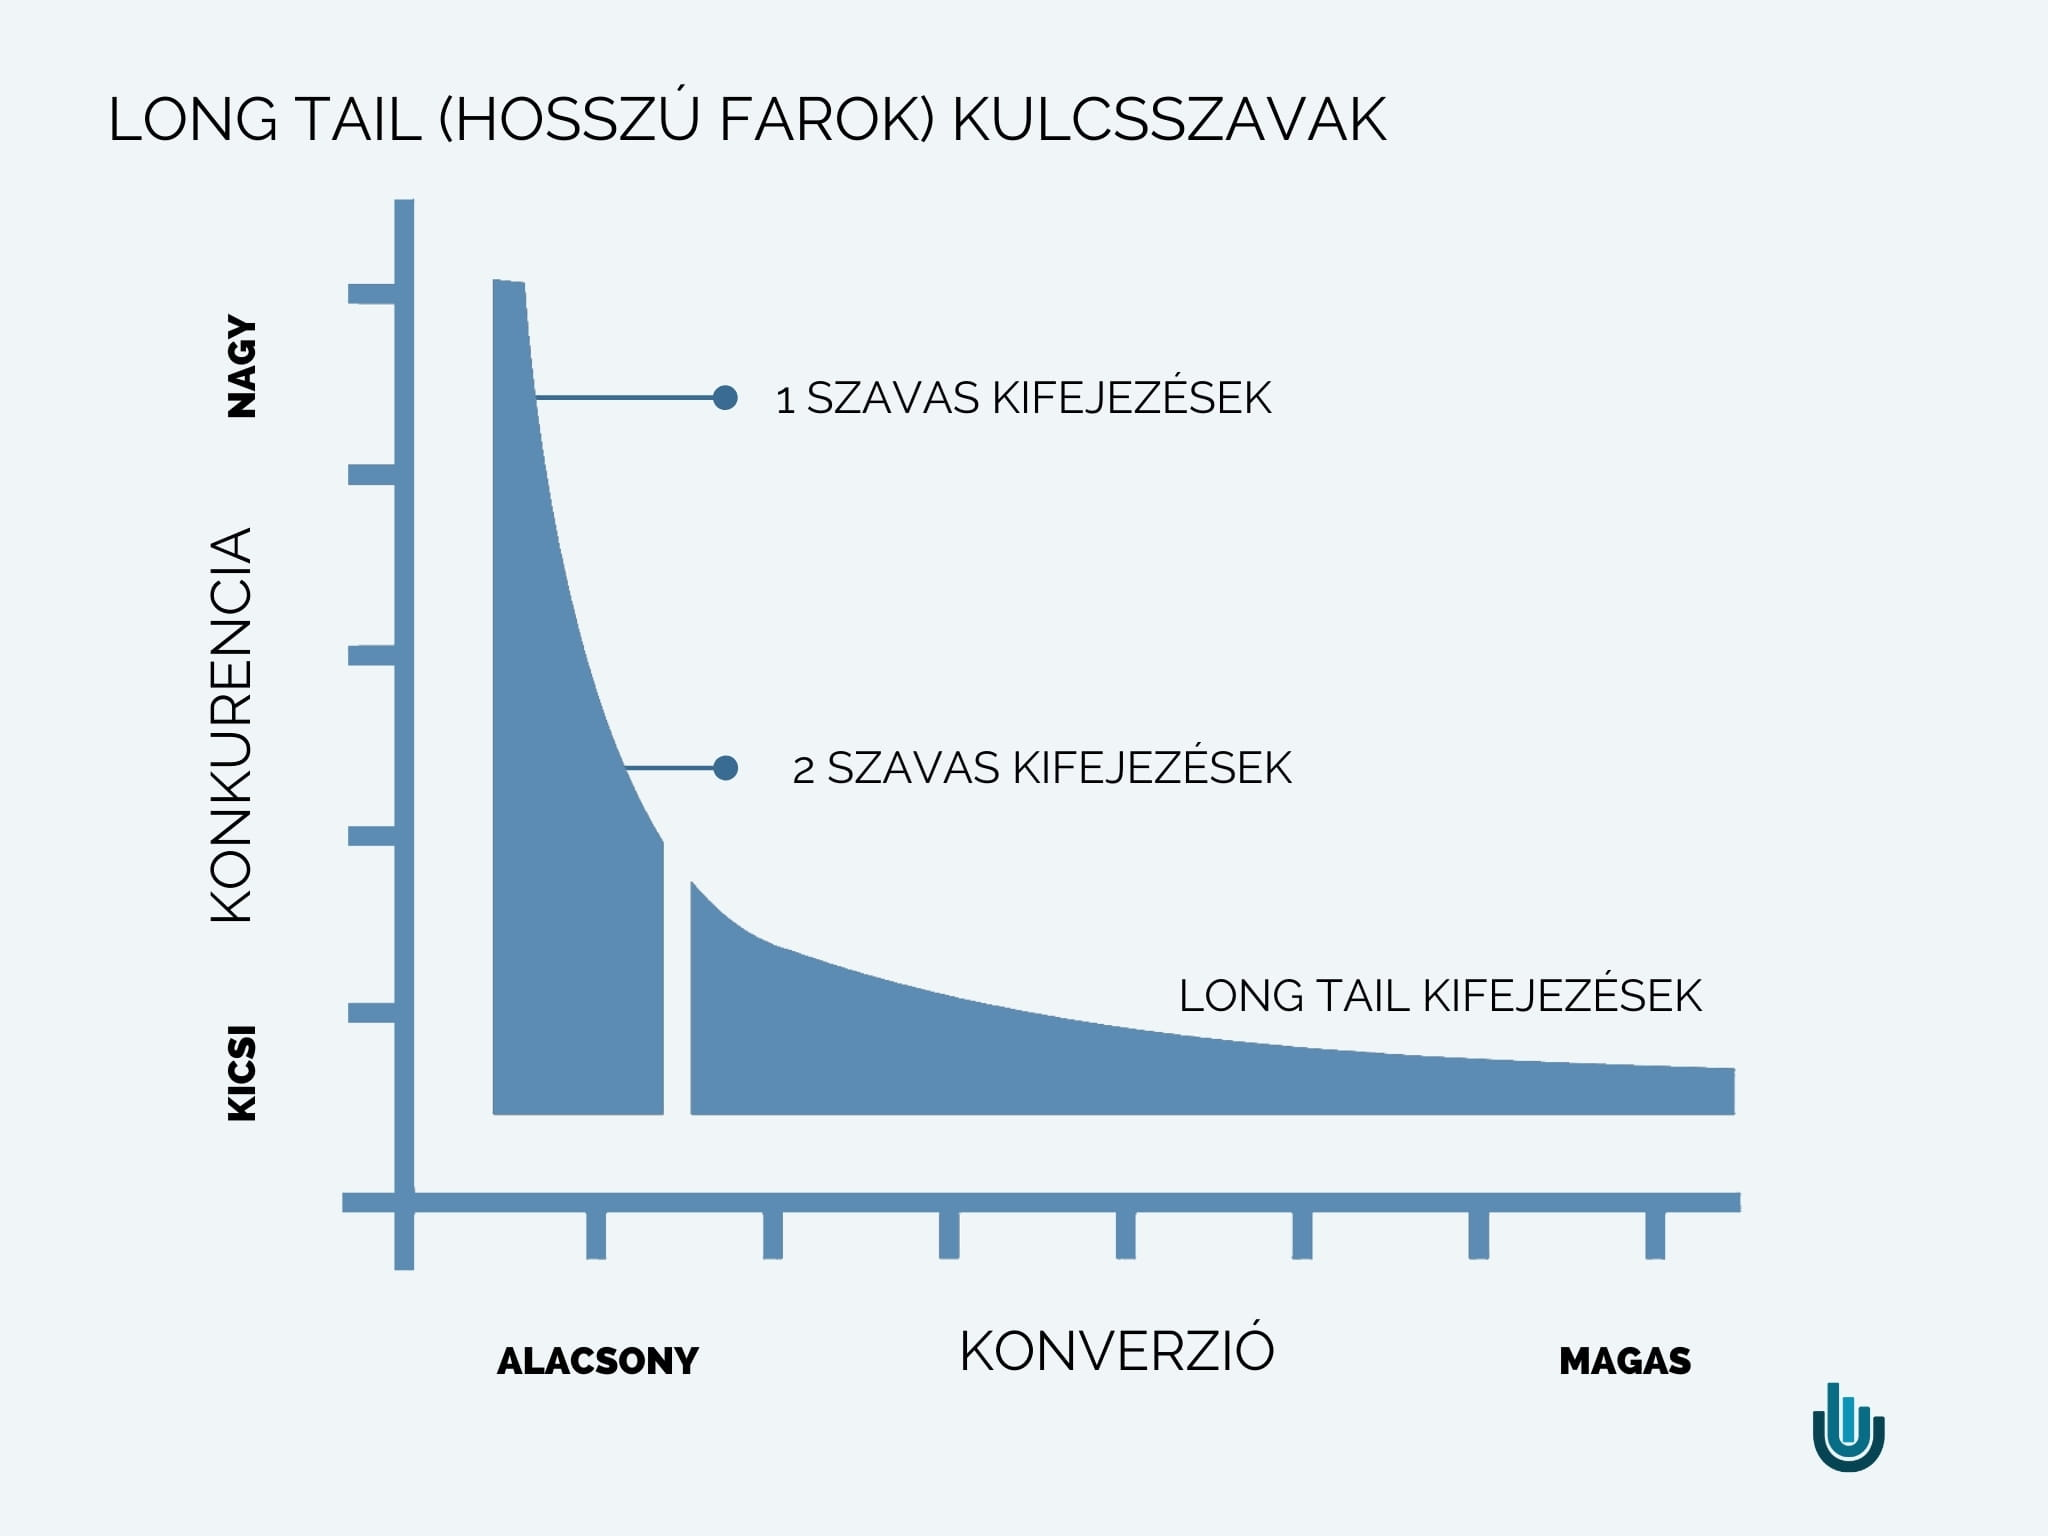 A long tail (hosszú farok) kulcsszavak magasabb konverziót generálnak